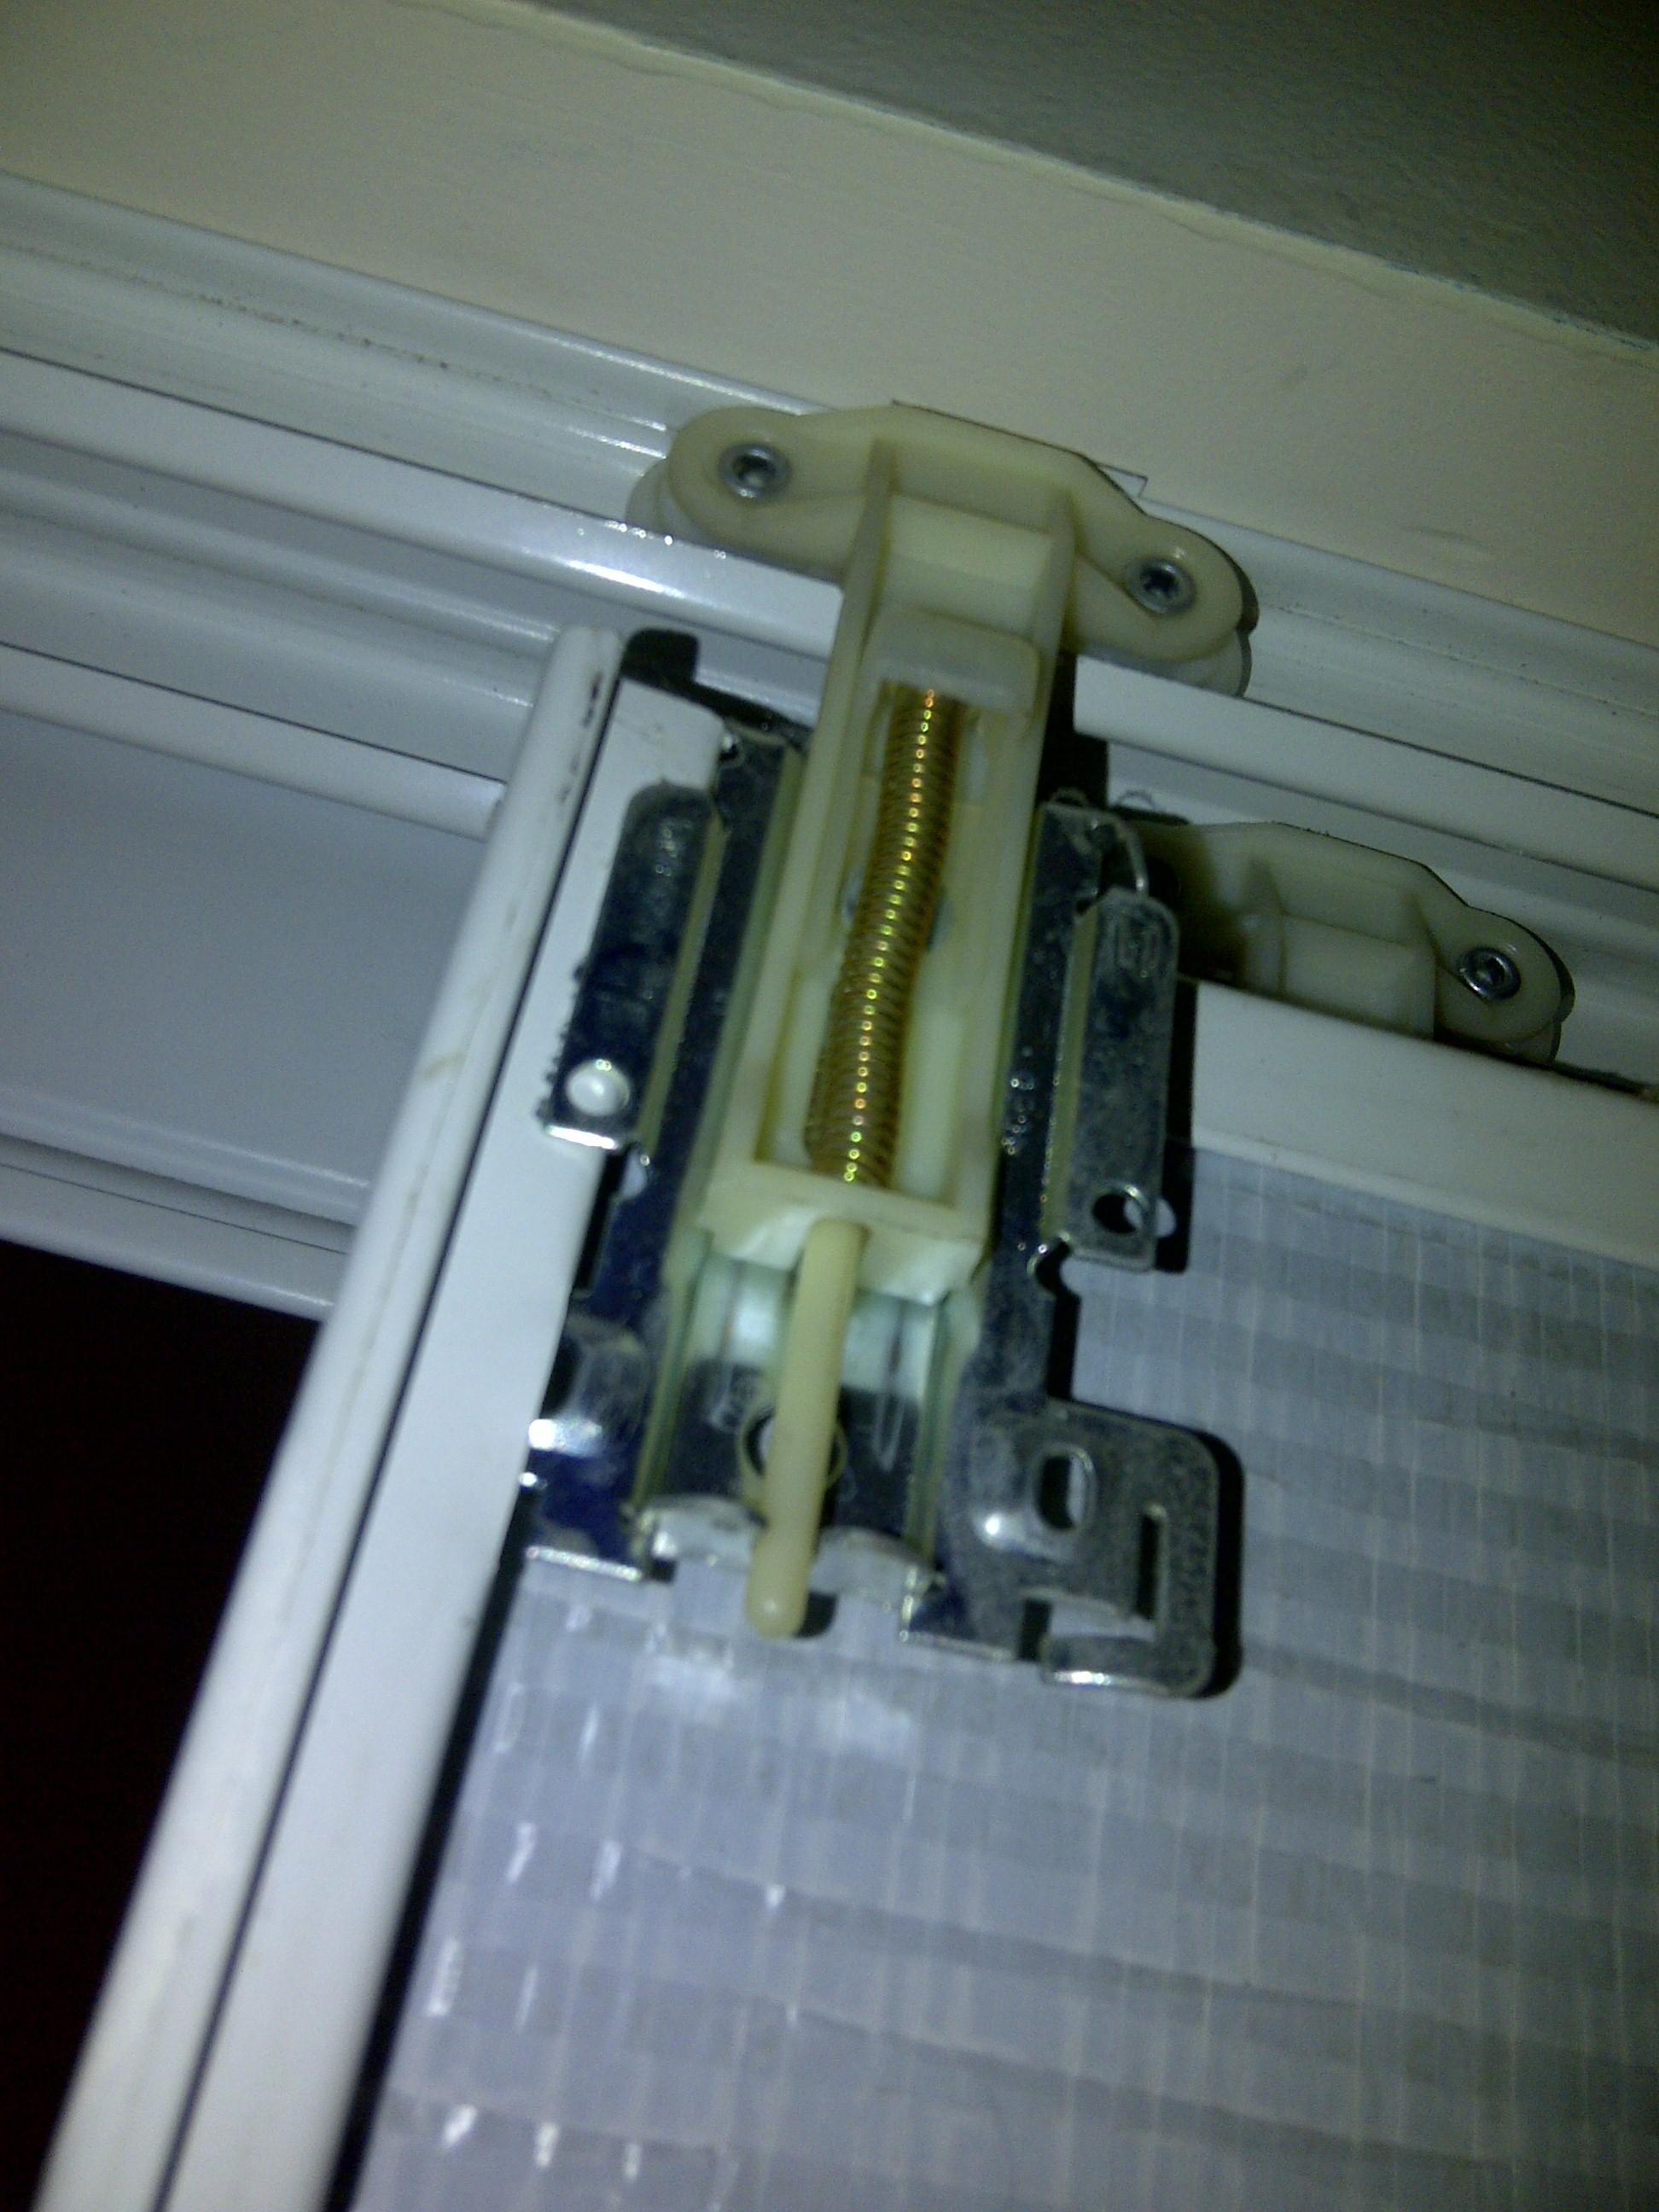 Stanley Sliding Mirror Closet Door Hardware